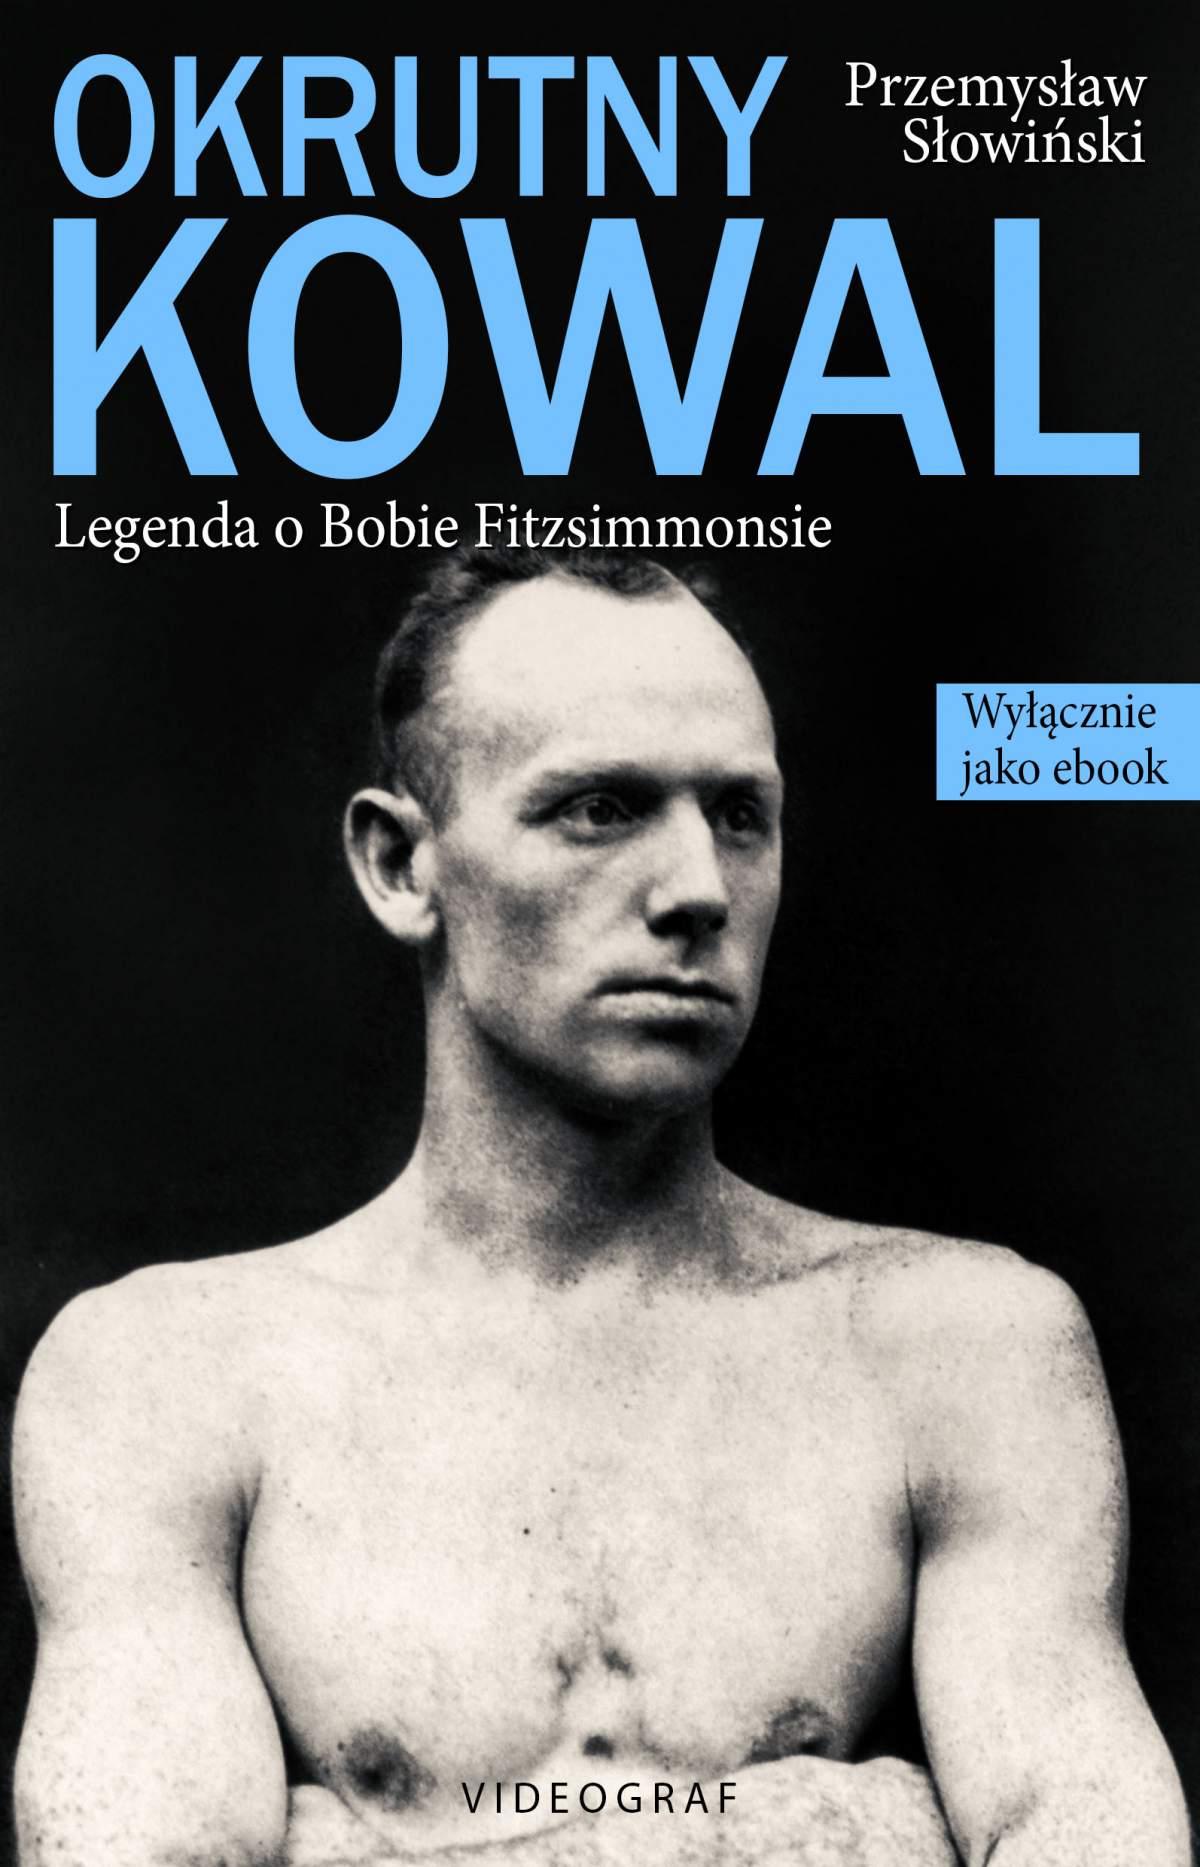 Okrutny Kowal. Legenda o Bobie Fitzsimmonsie - Ebook (Książka EPUB) do pobrania w formacie EPUB